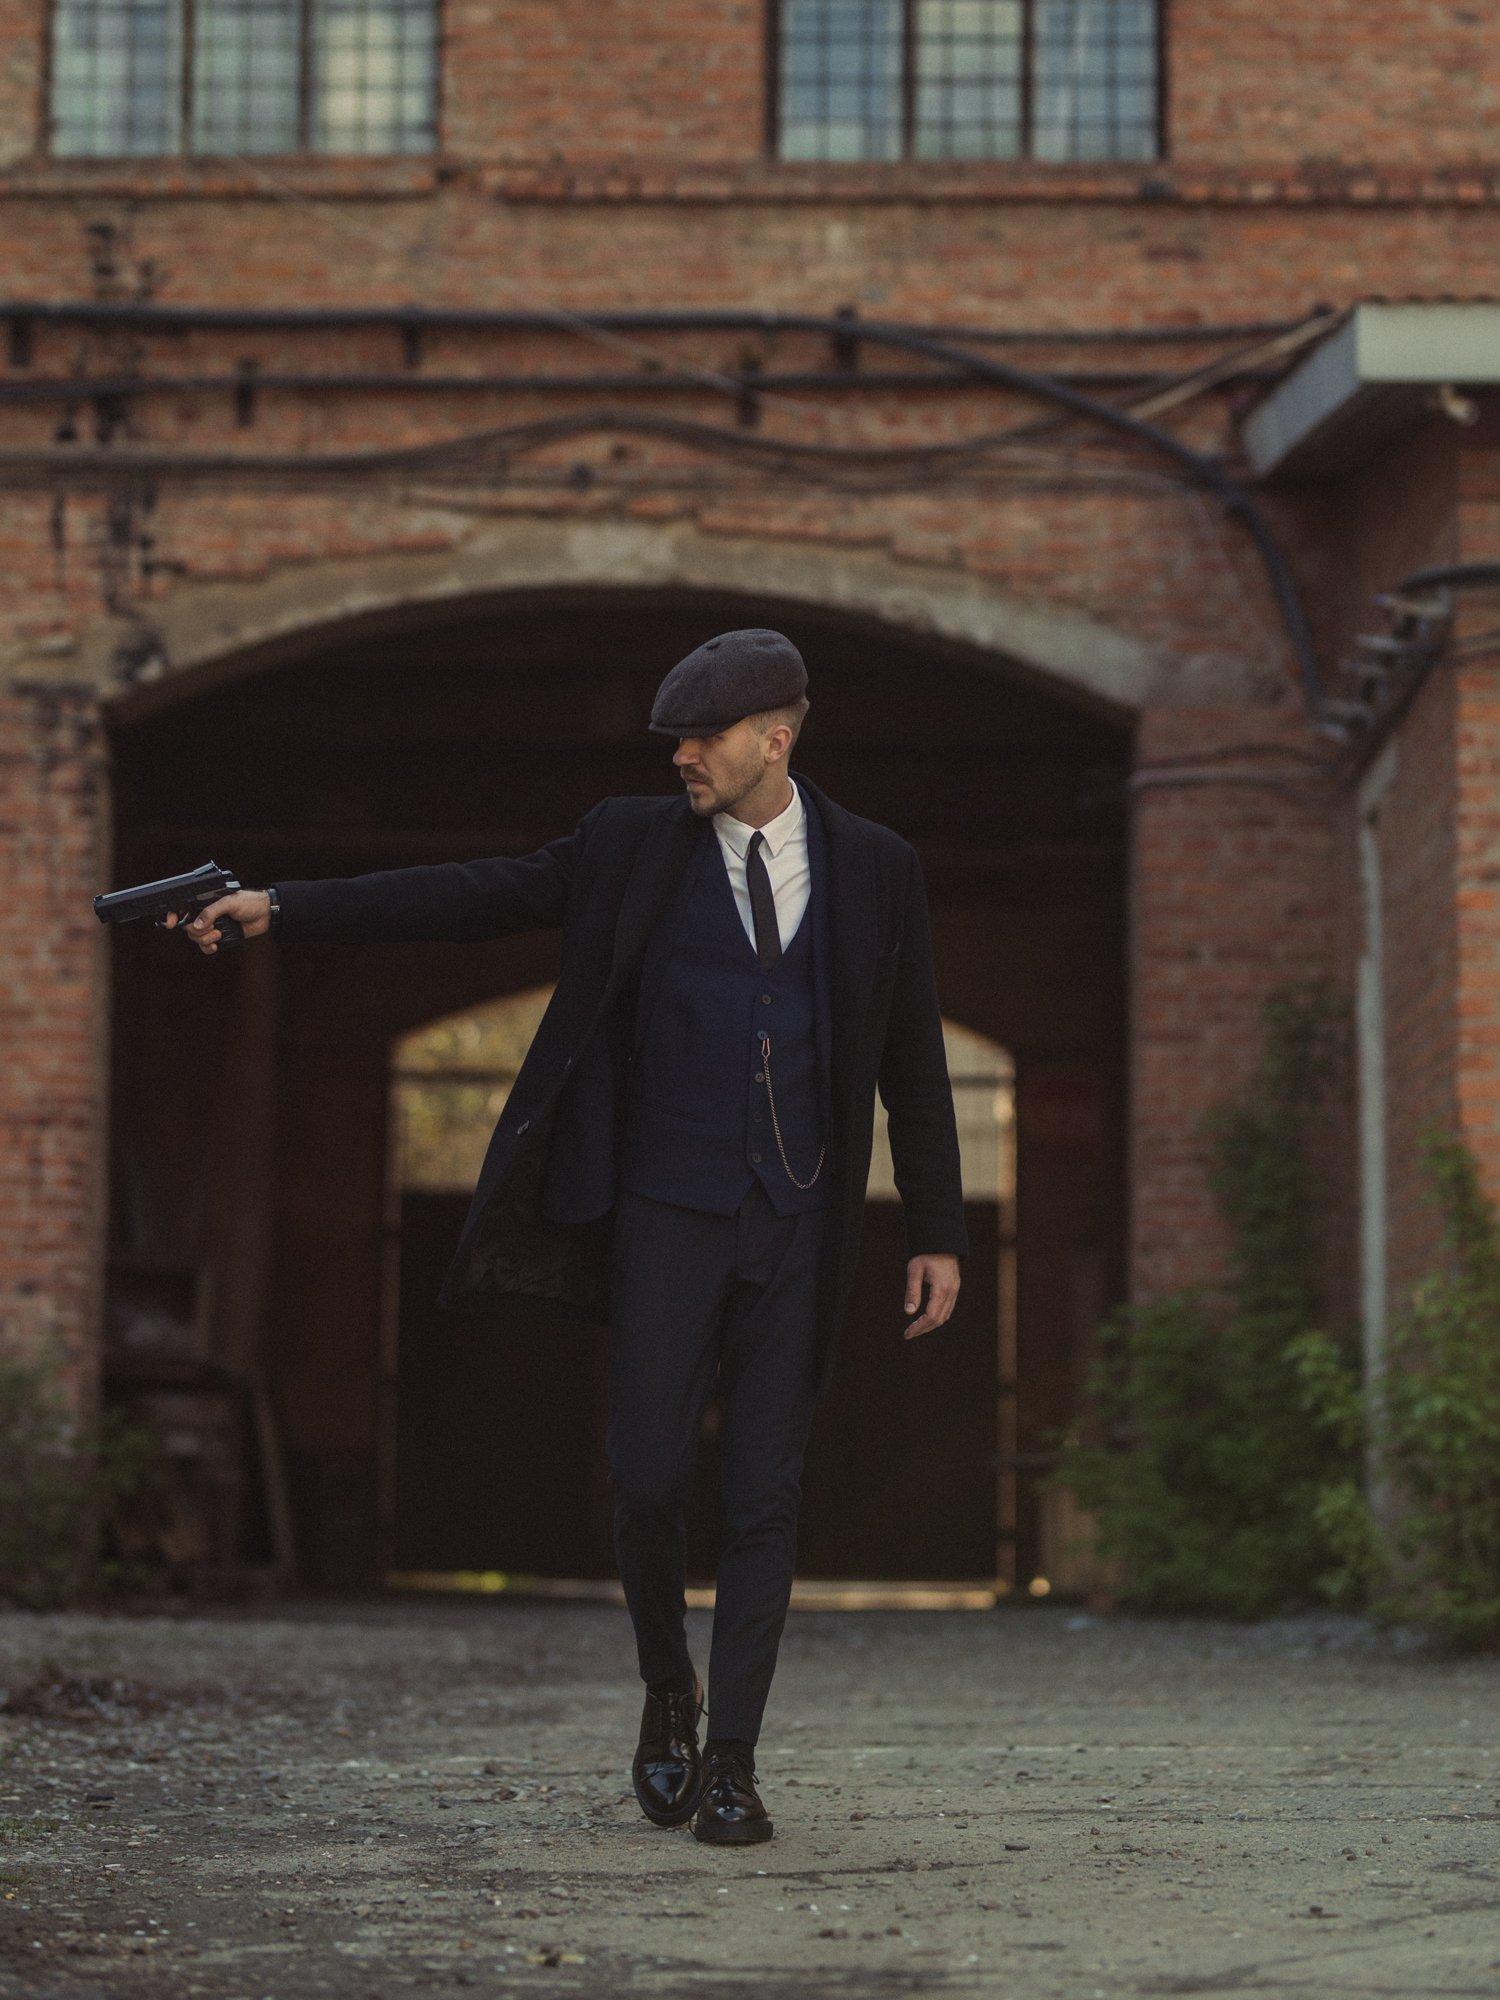 кадр из фильма острые козырьки, постановочное фото, мужчина, портрет, кепки, кино, фильм, сериал, винтаж, Дугина Кристина